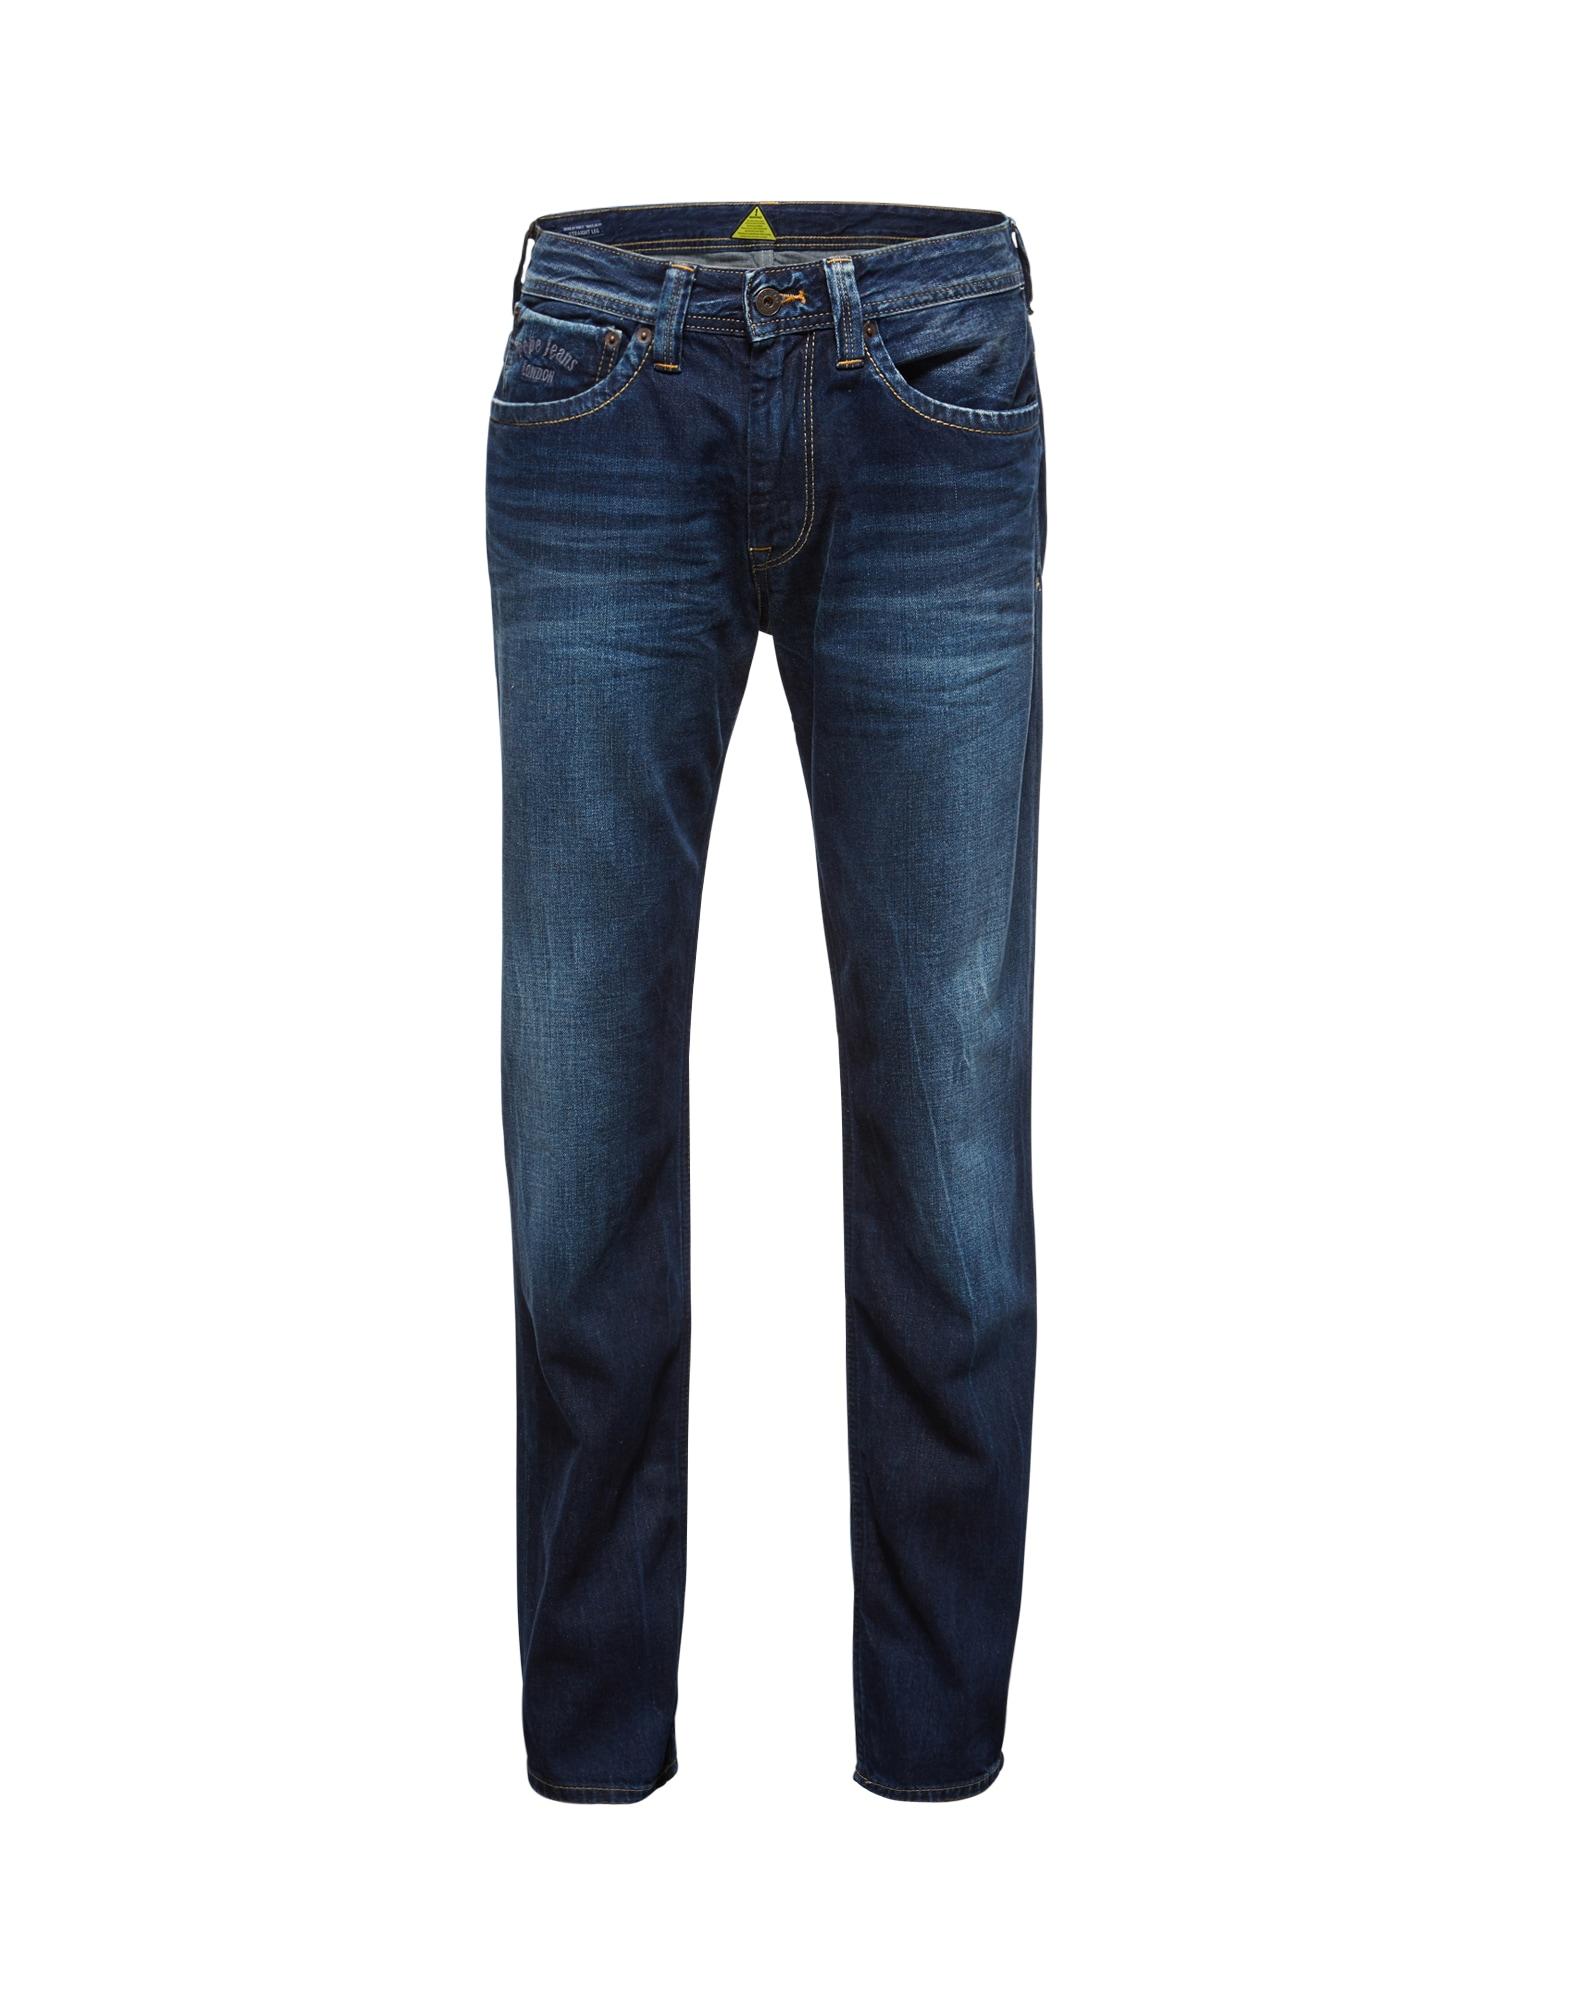 Pepe Jeans Heren Jeans Kingston blue denim